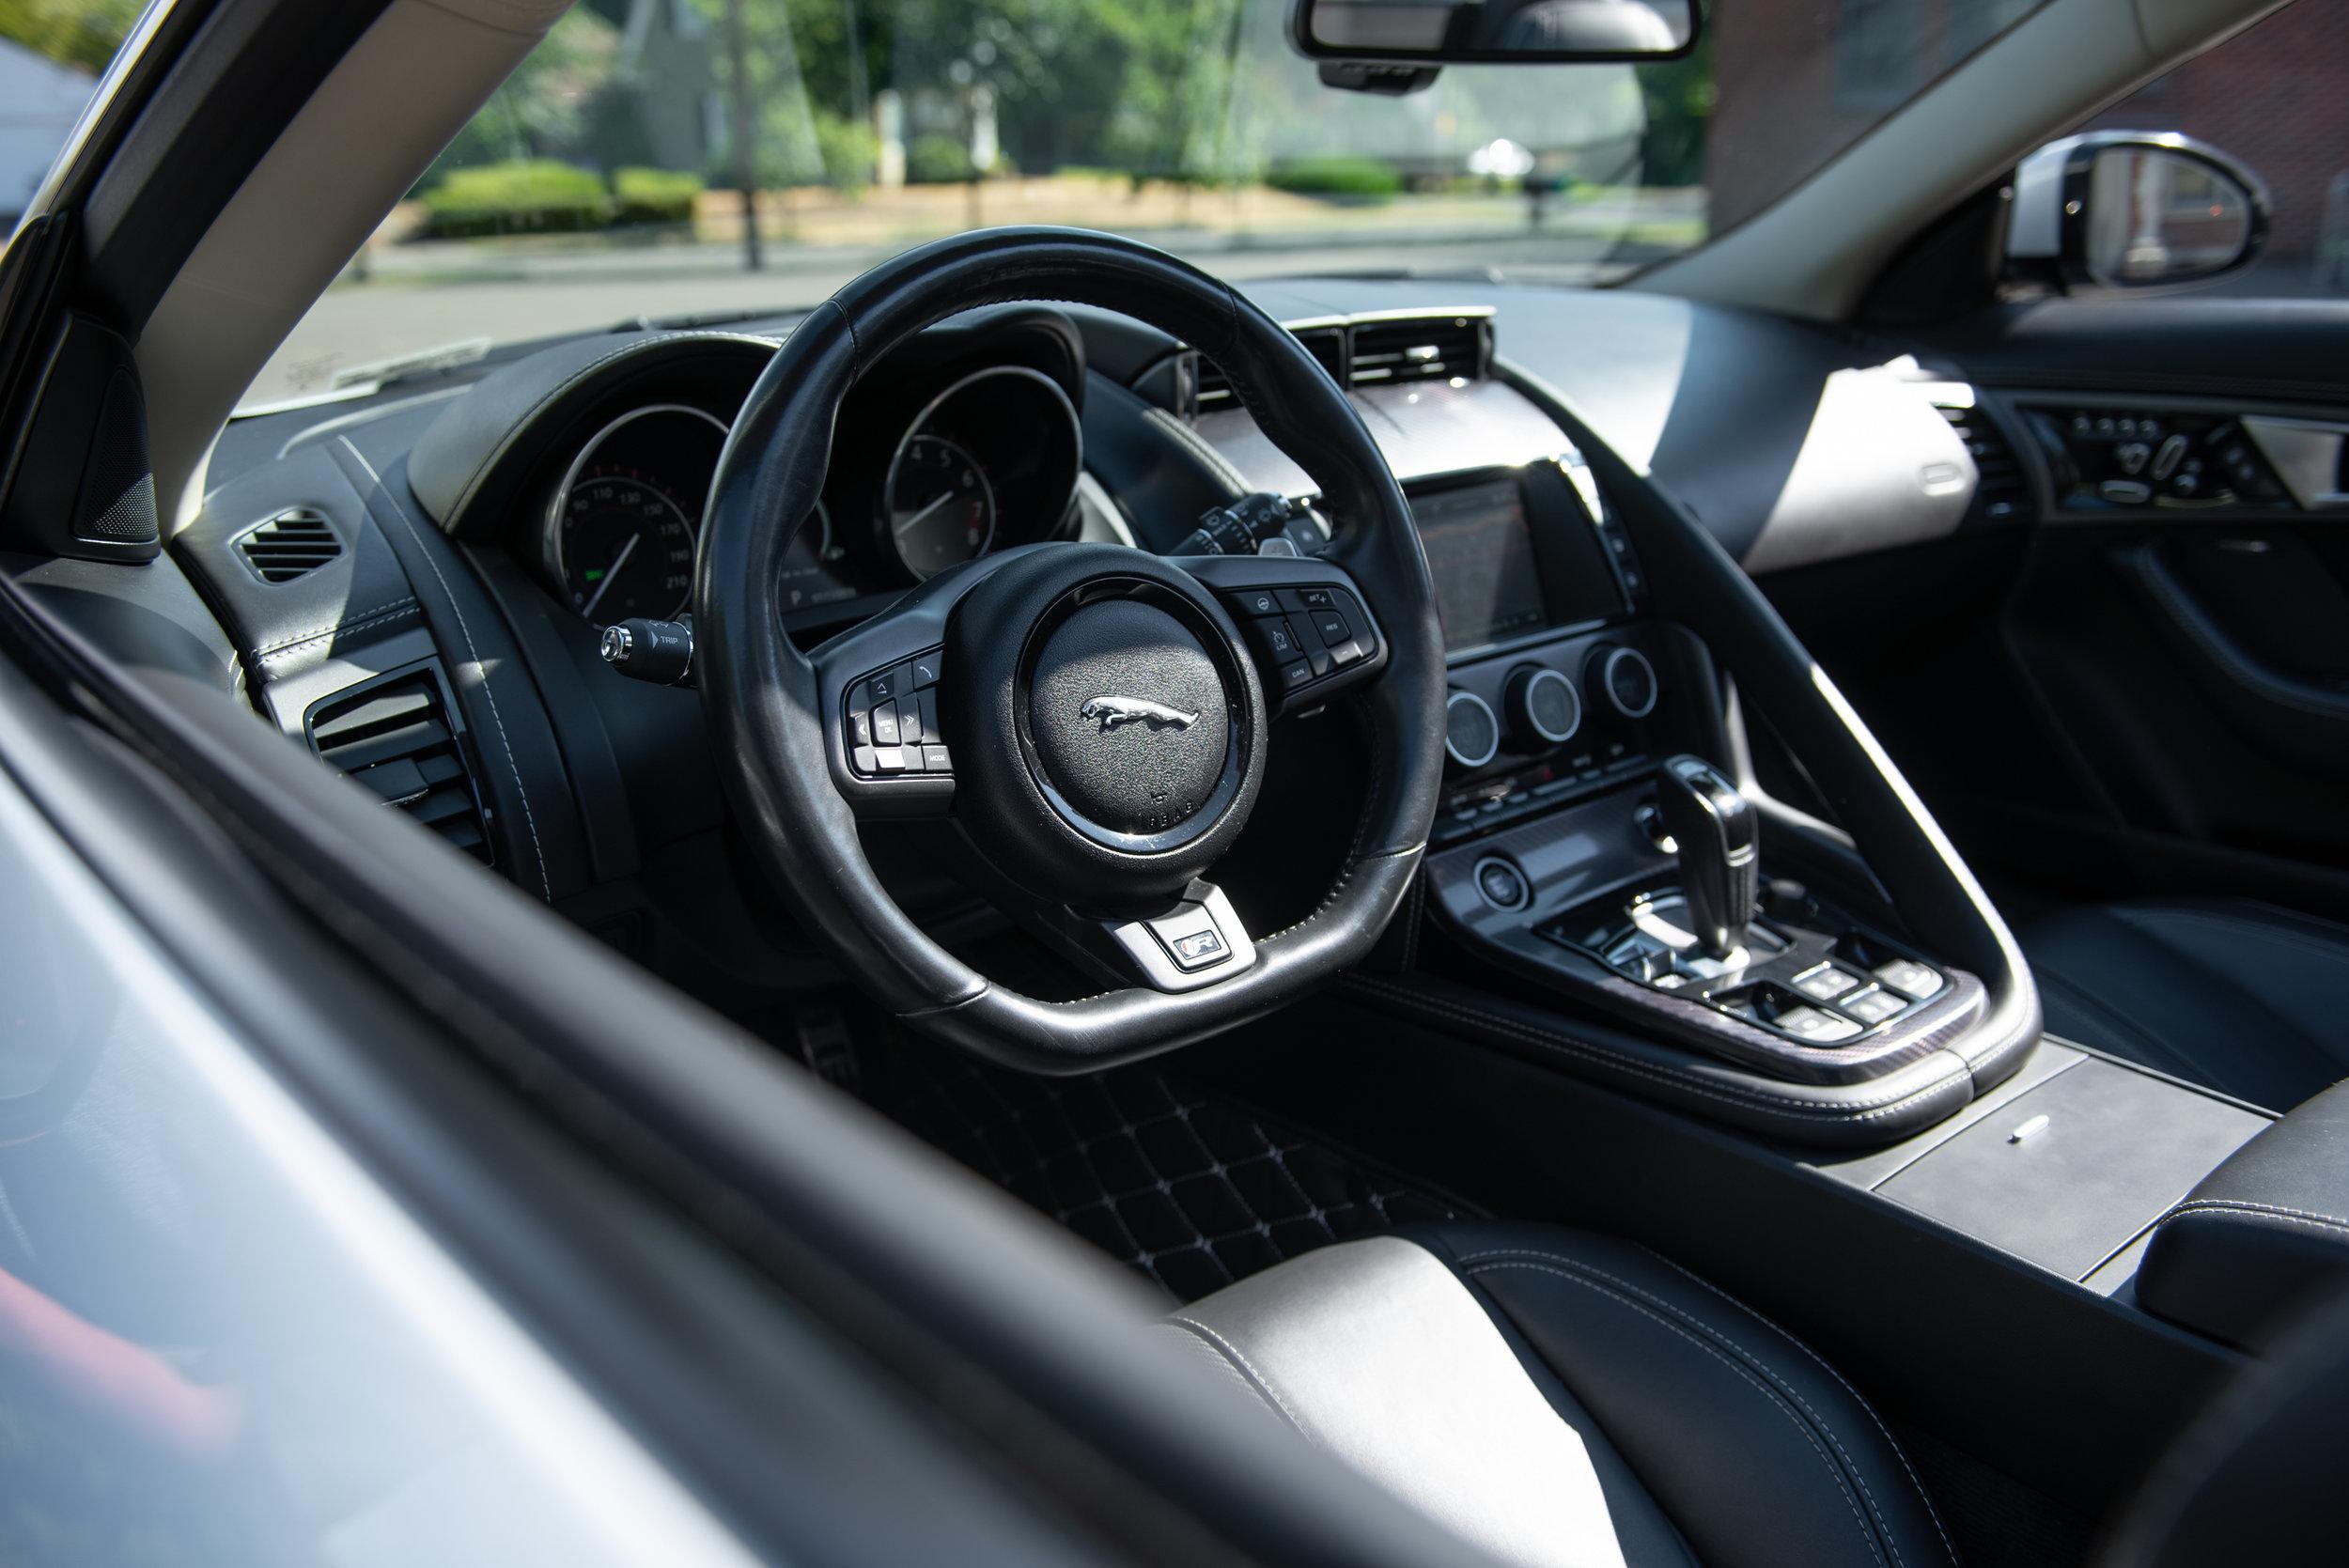 jag_interior-wide.jpg